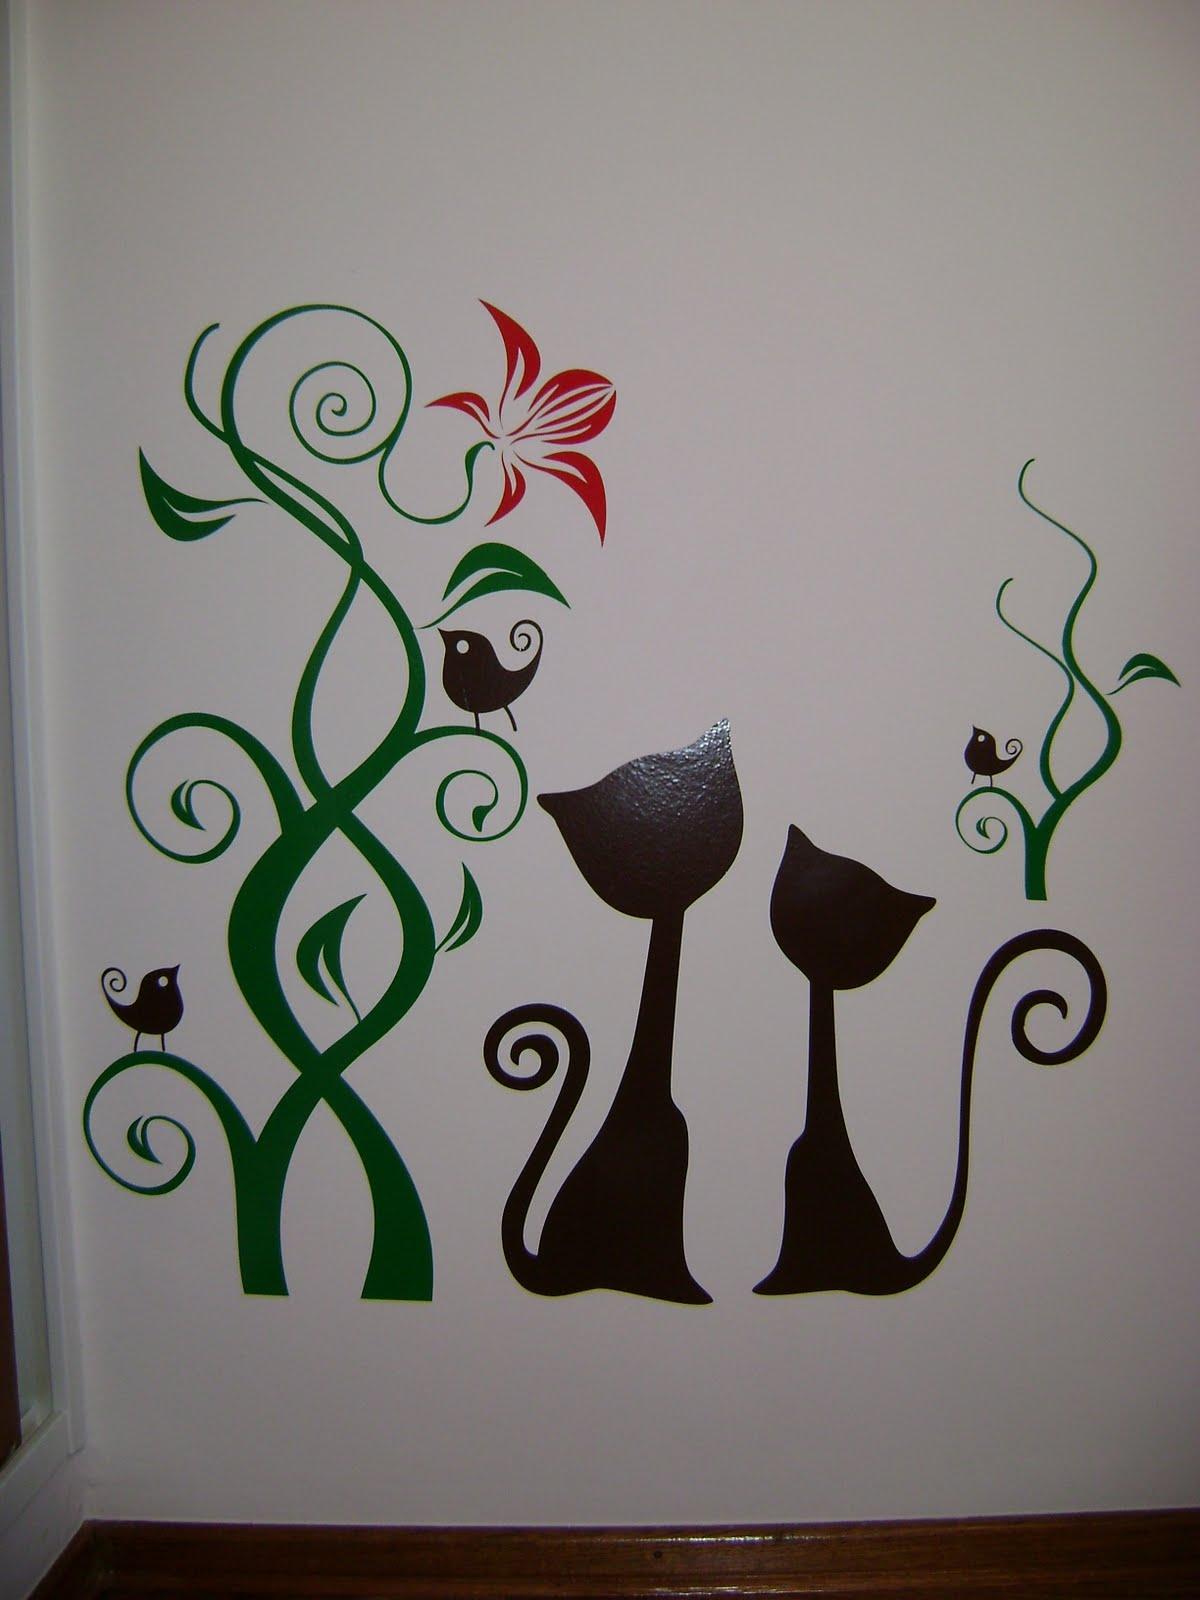 Discos Vinilos Decorativos